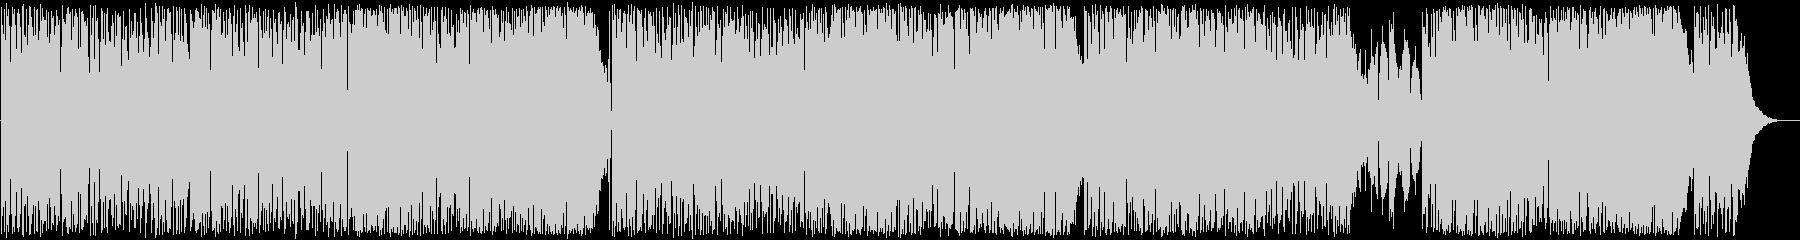 ボサノヴァ、お洒落でロック調BGMの未再生の波形